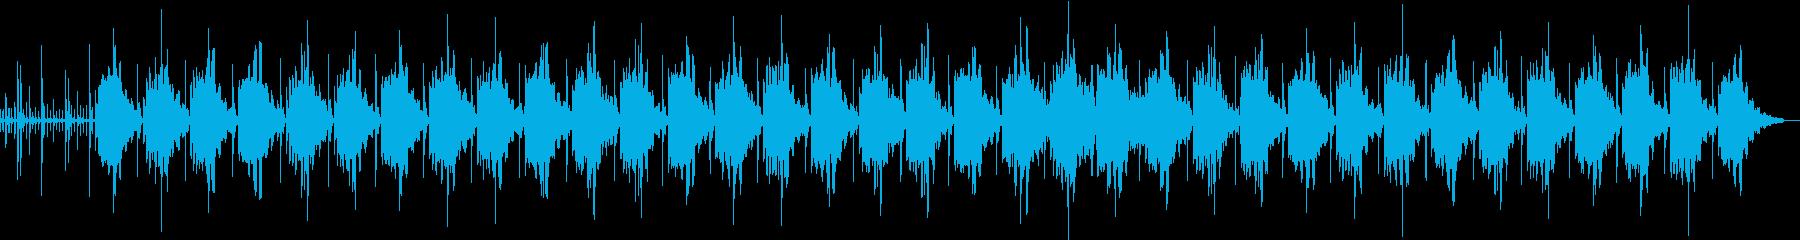 エレビ・パーカッション・グロッケンBGMの再生済みの波形